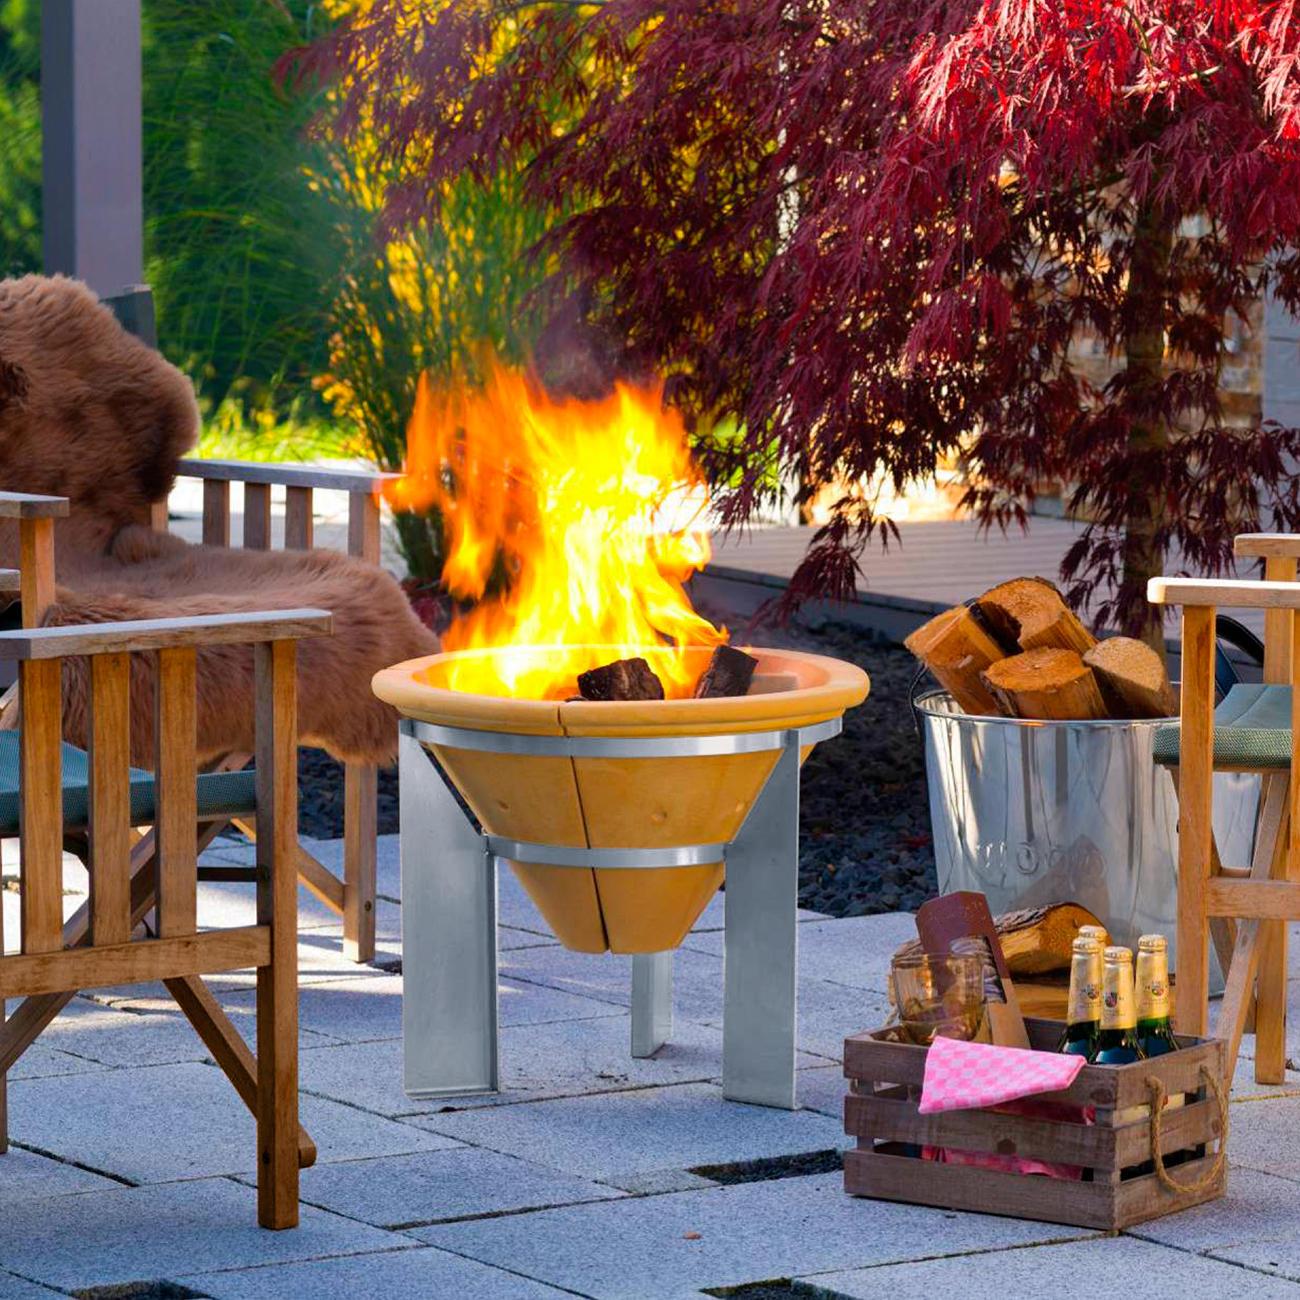 Acheter brasero accumulateur de chaleur en ligne pas cher - Faire un feu de camp dans son jardin ...